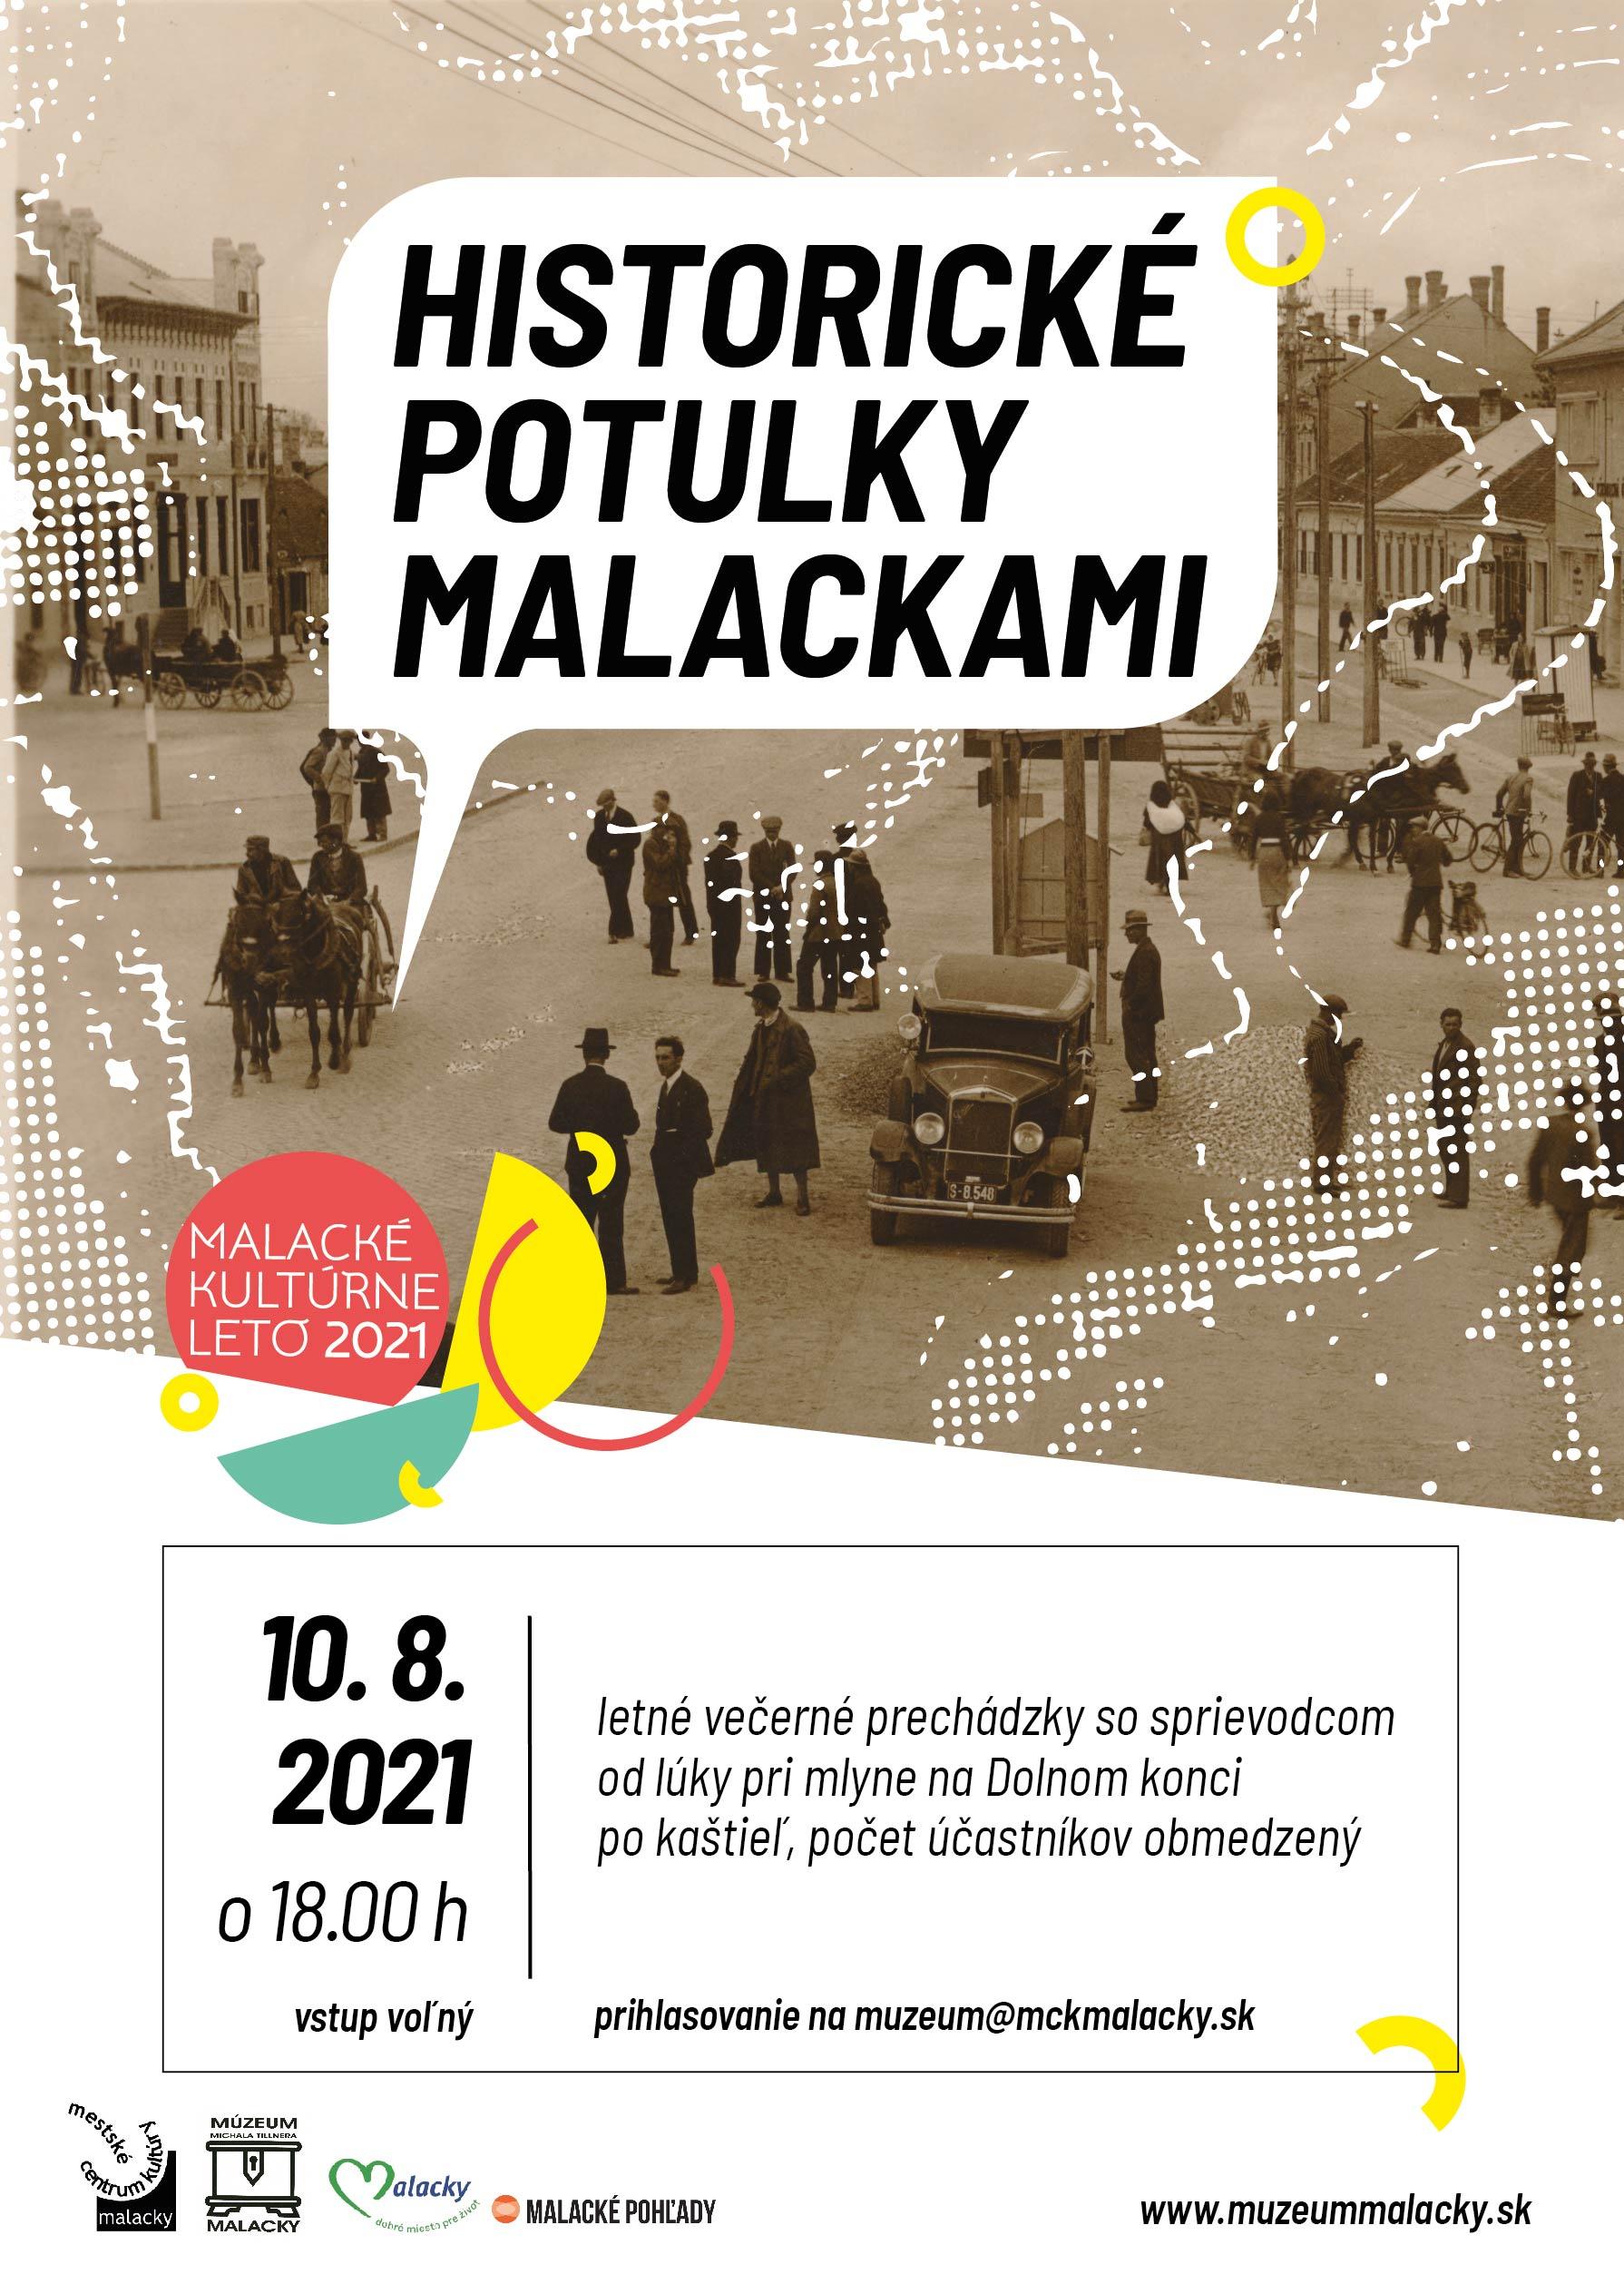 mkl_2021_historicke_potulky_malackami_august_Kreslic pltno 1jpg